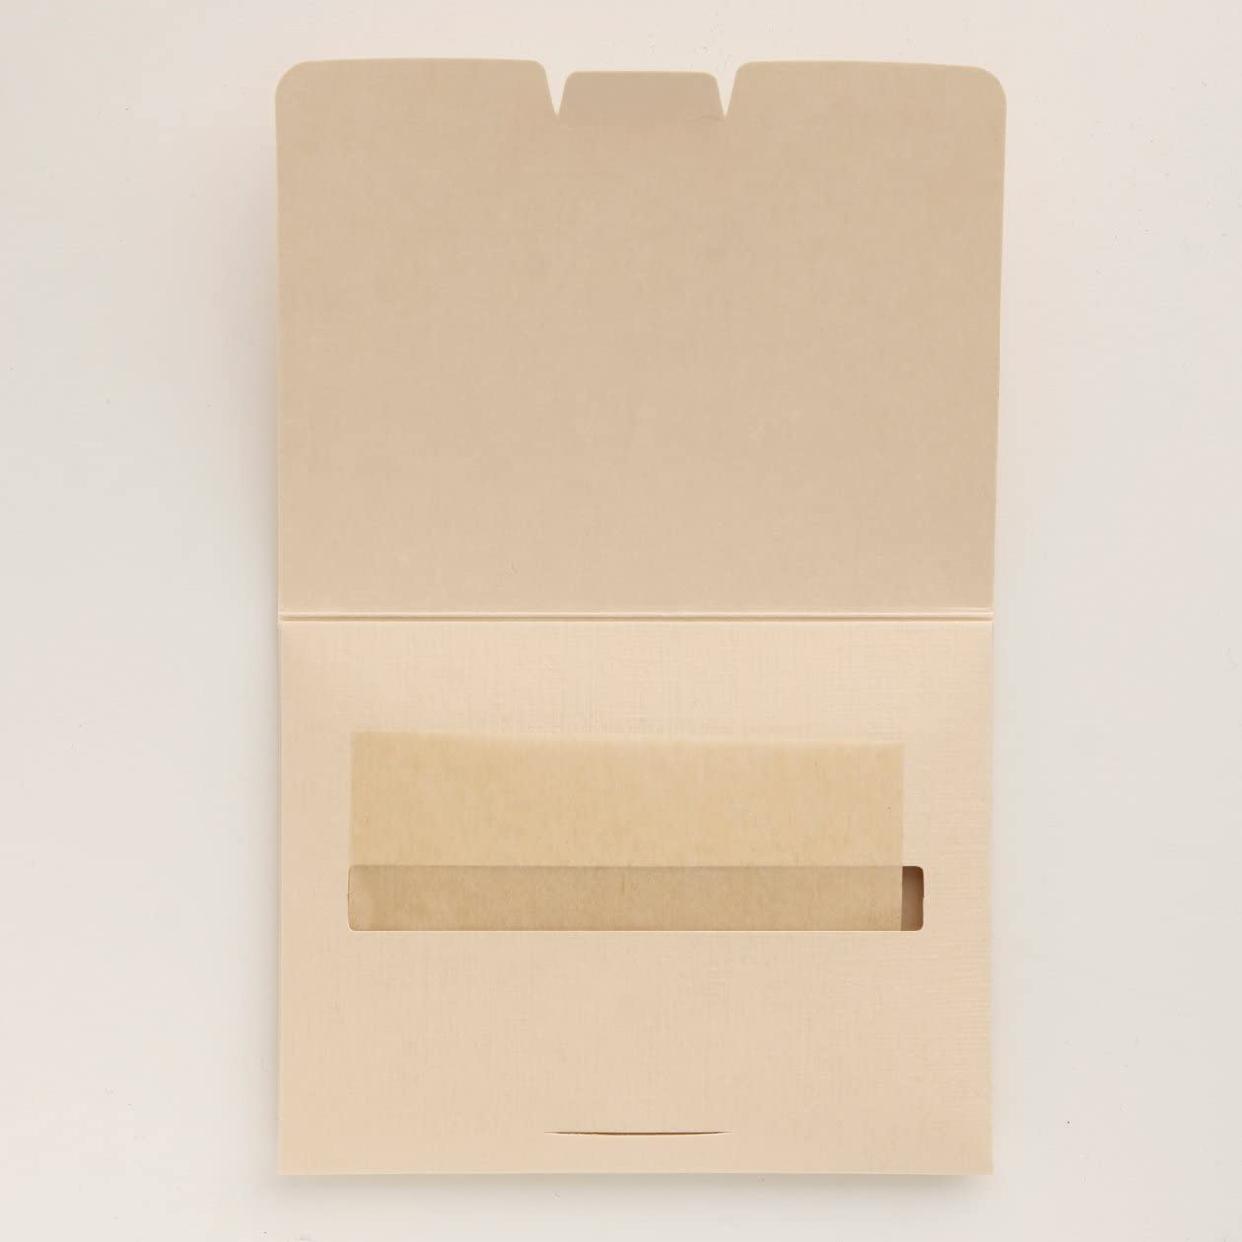 無印良品(MUJI) あぶらとり紙の商品画像2